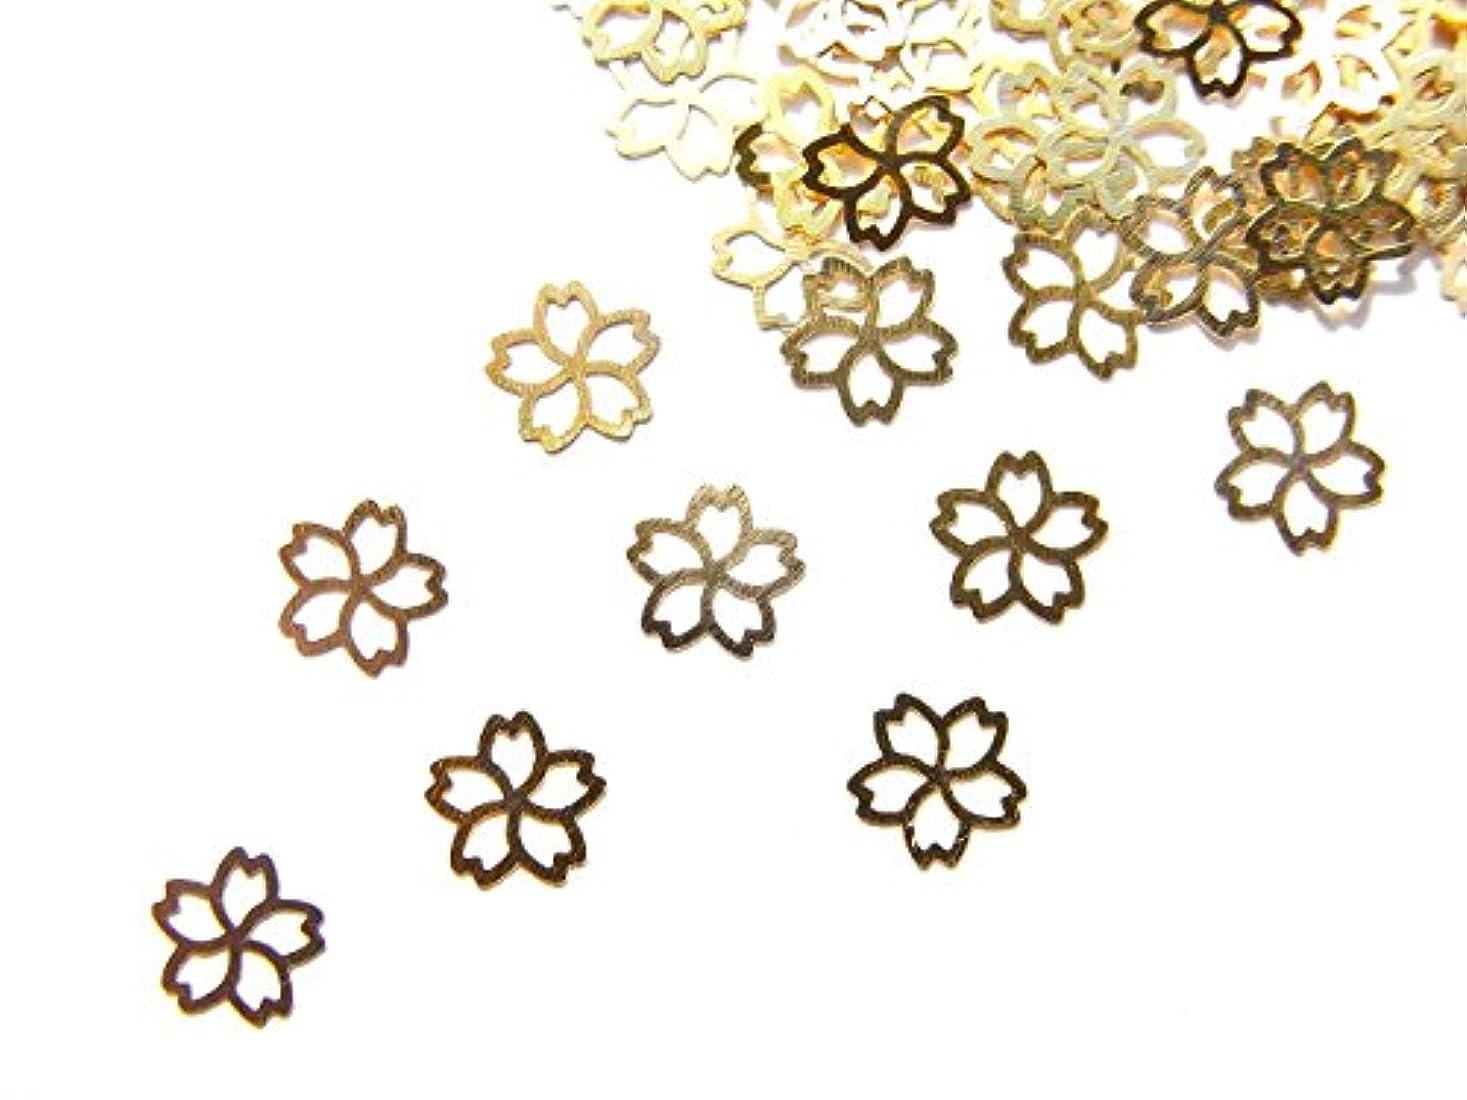 二週間期限切れバングラデシュ【jewel】ug26 春ネイル 薄型ゴールド メタルパーツ 桜 サクラ Lサイズ 10個入り ネイルアートパーツ レジンパーツ